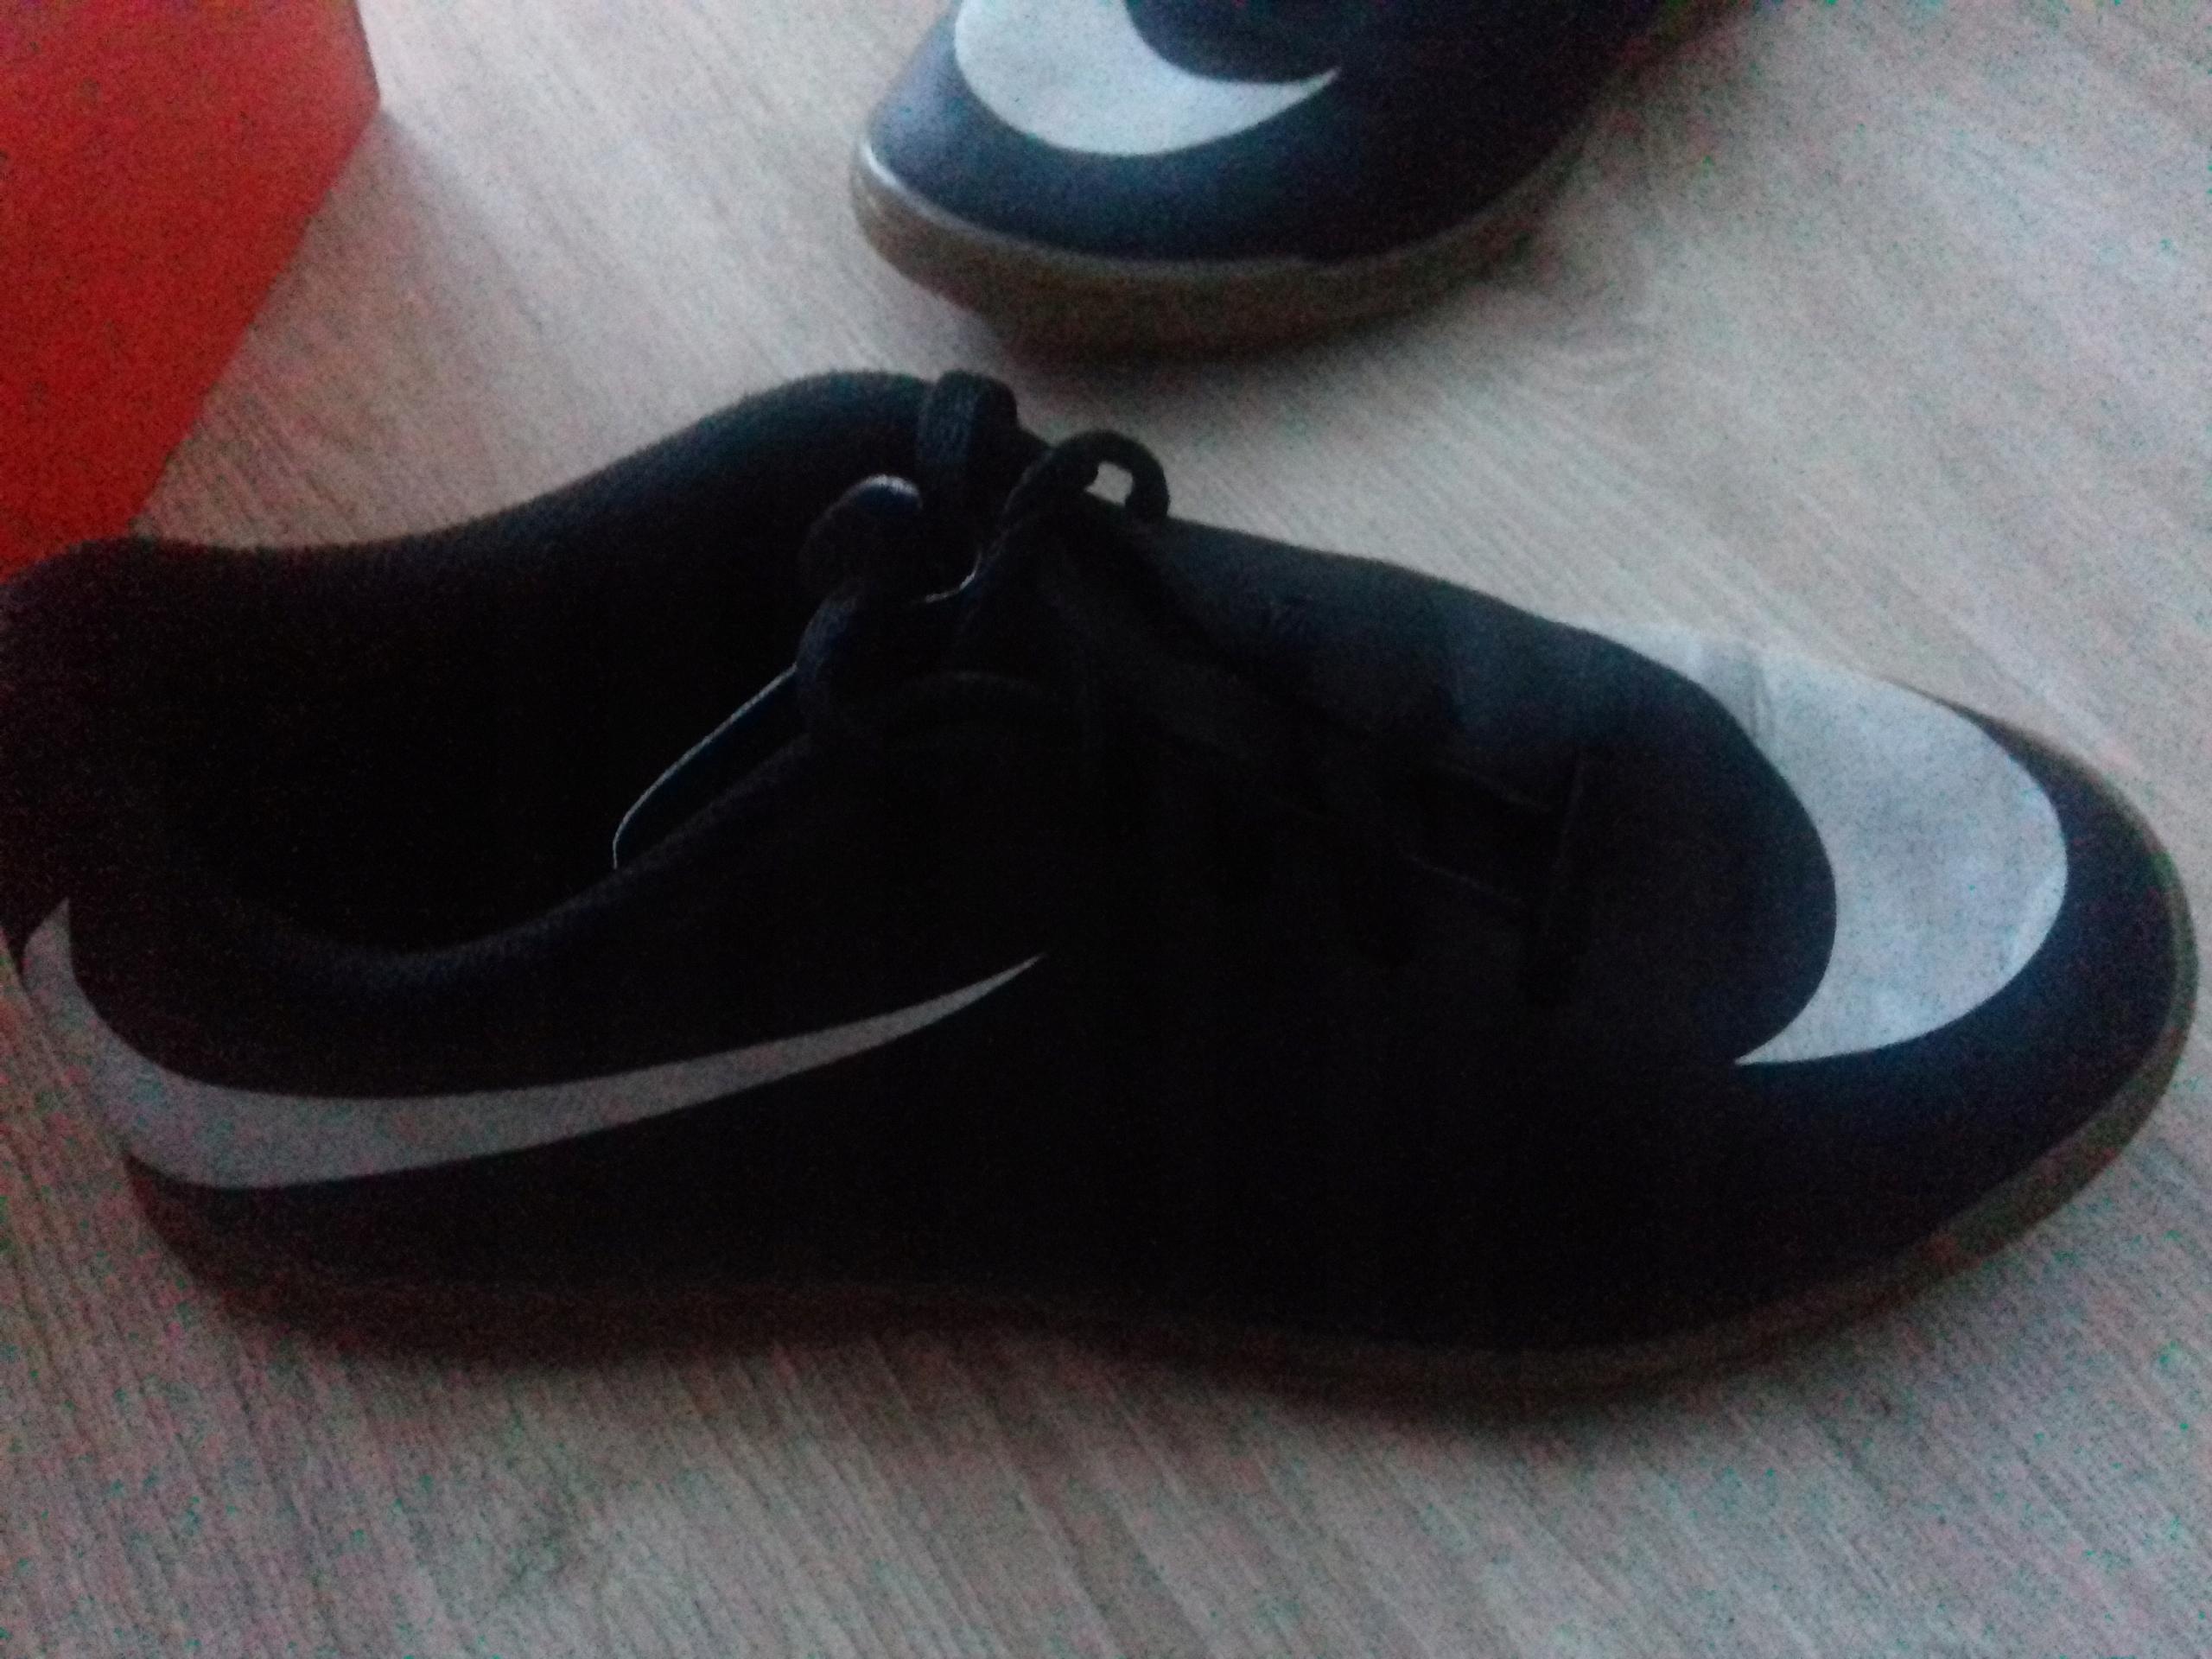 45a41df7 NIKE Halowki, buty piłkarskie dla chłopca rozm 38 - 7622803848 ...